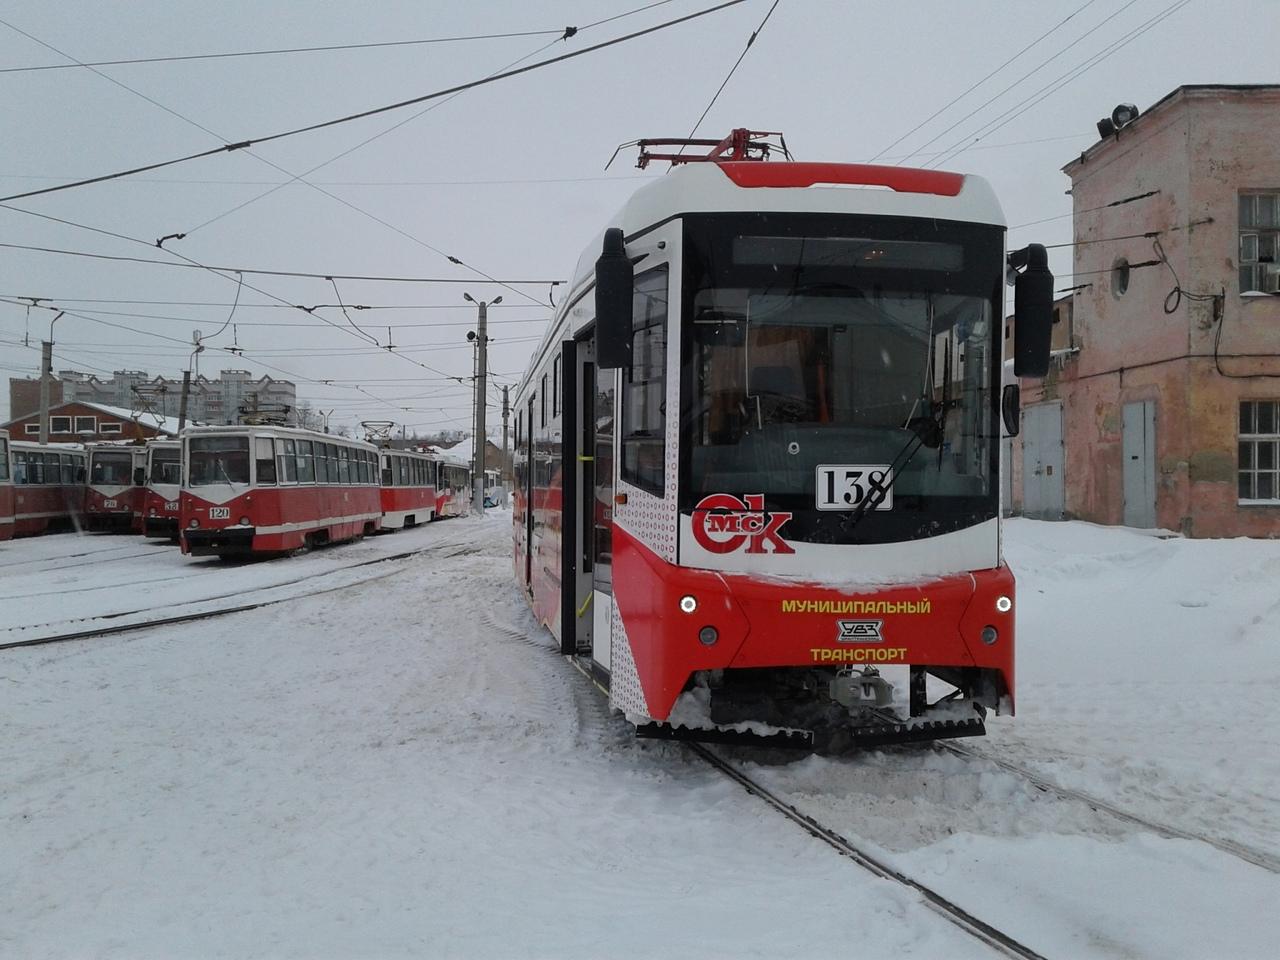 В Омске возникли помехи в движении трамваев #Омск #Общество #Сегодня